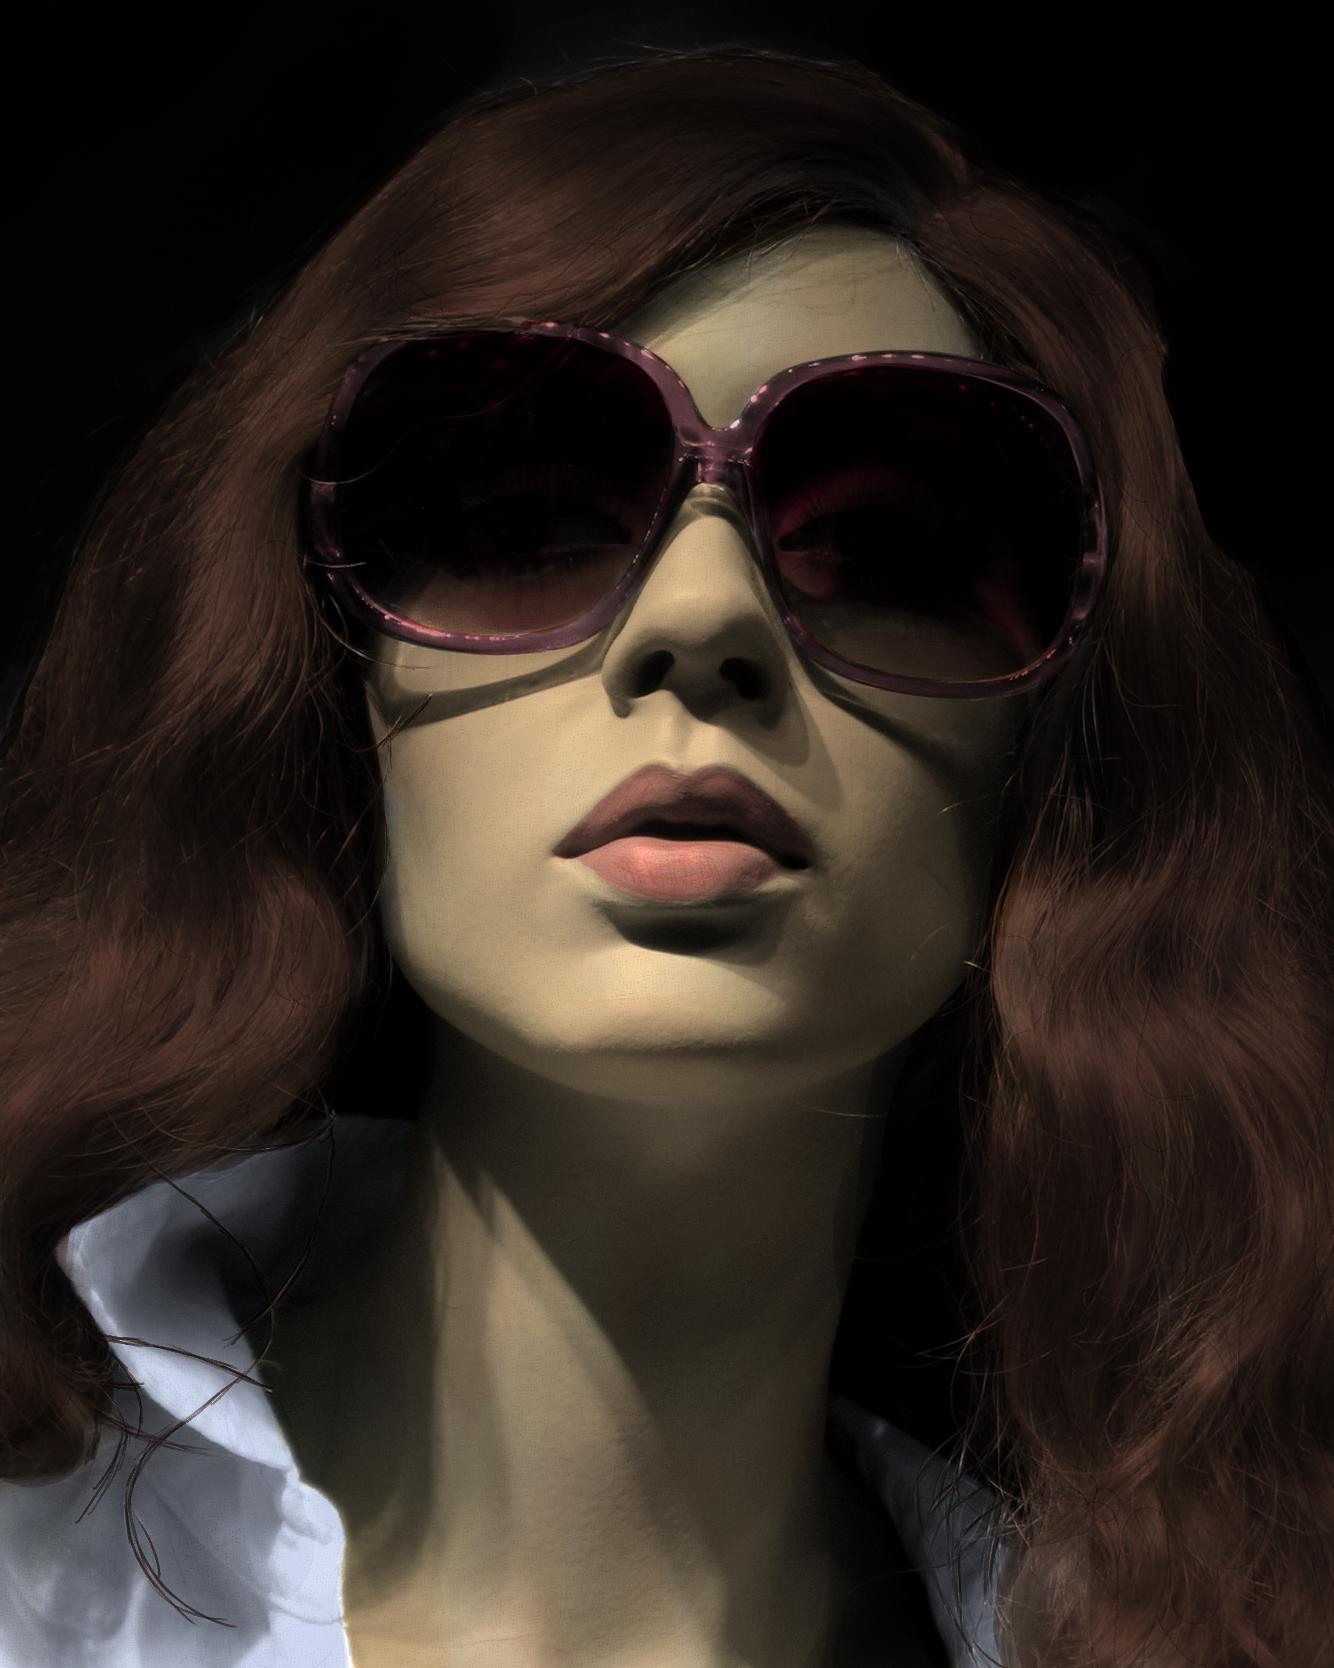 istek : Güneş Gözlüğü Takmış İnsan Resimleri